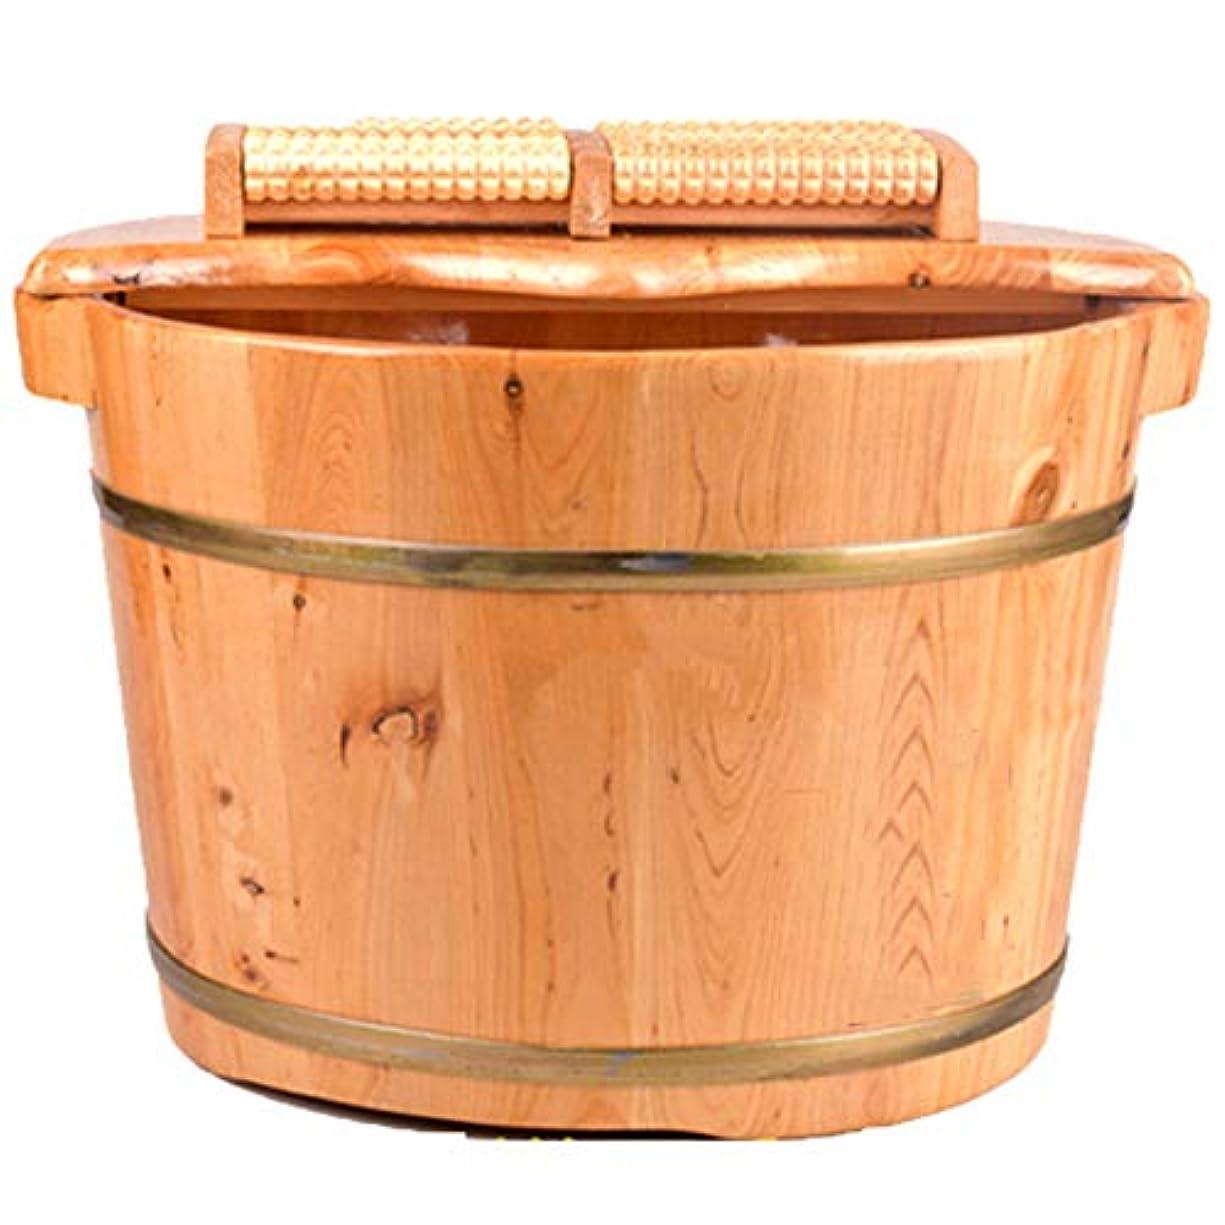 争うシャンパンに話すペディキュア盆地,軽量の木製家庭の木製の樽の足湯バスソリッドウッドの木管大人のトランペット